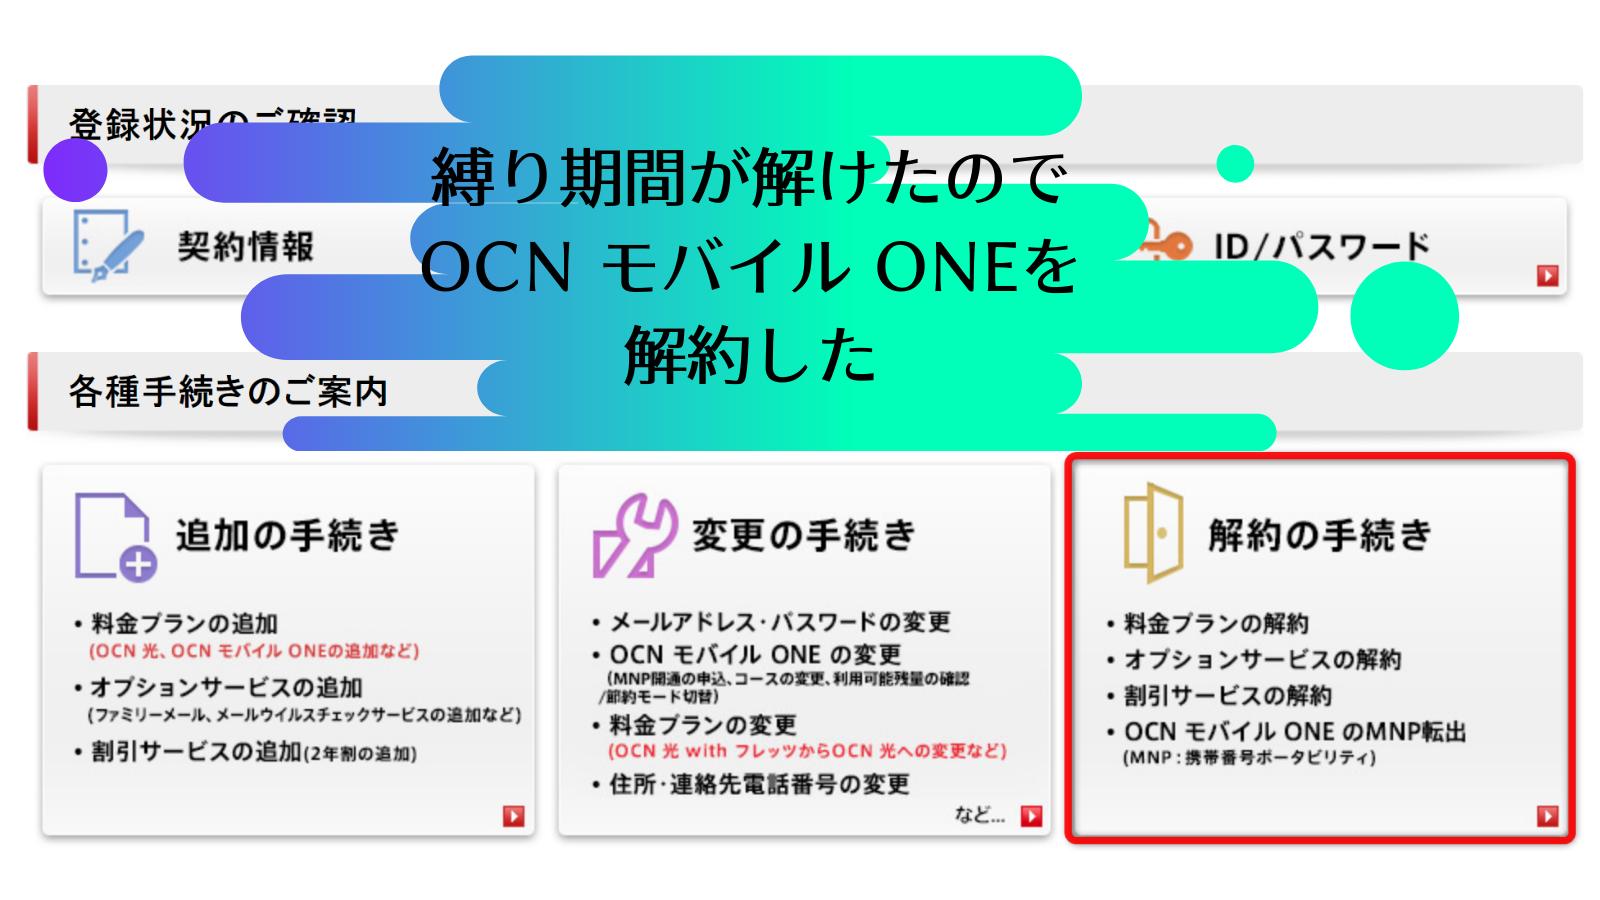 節約 モード ocn